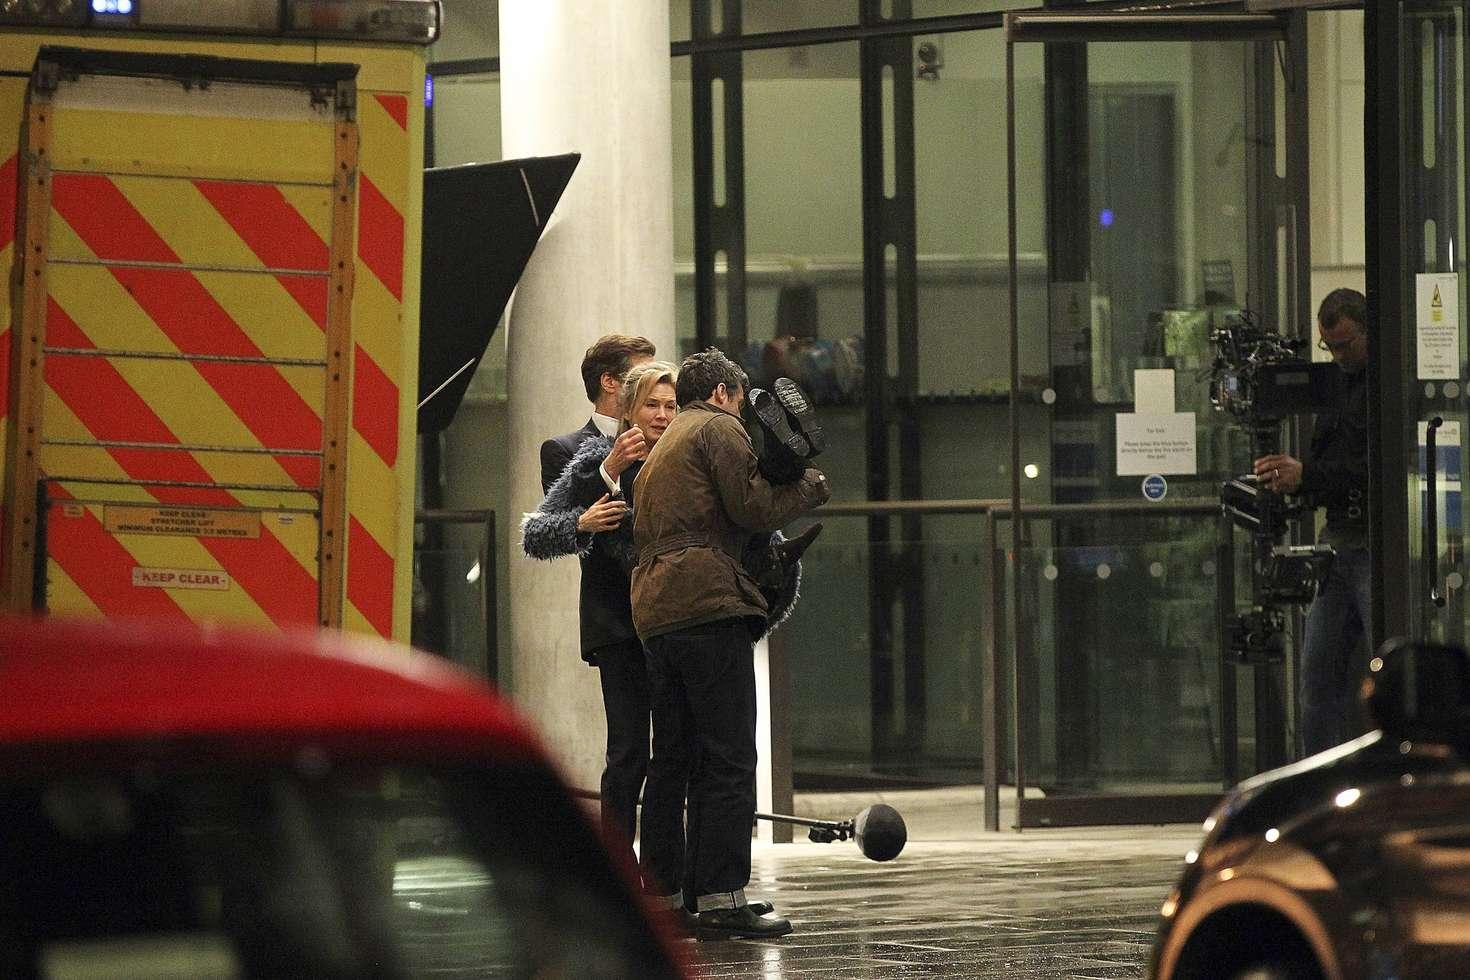 Renee Zellweger on the set of Bridget Joness Baby in London